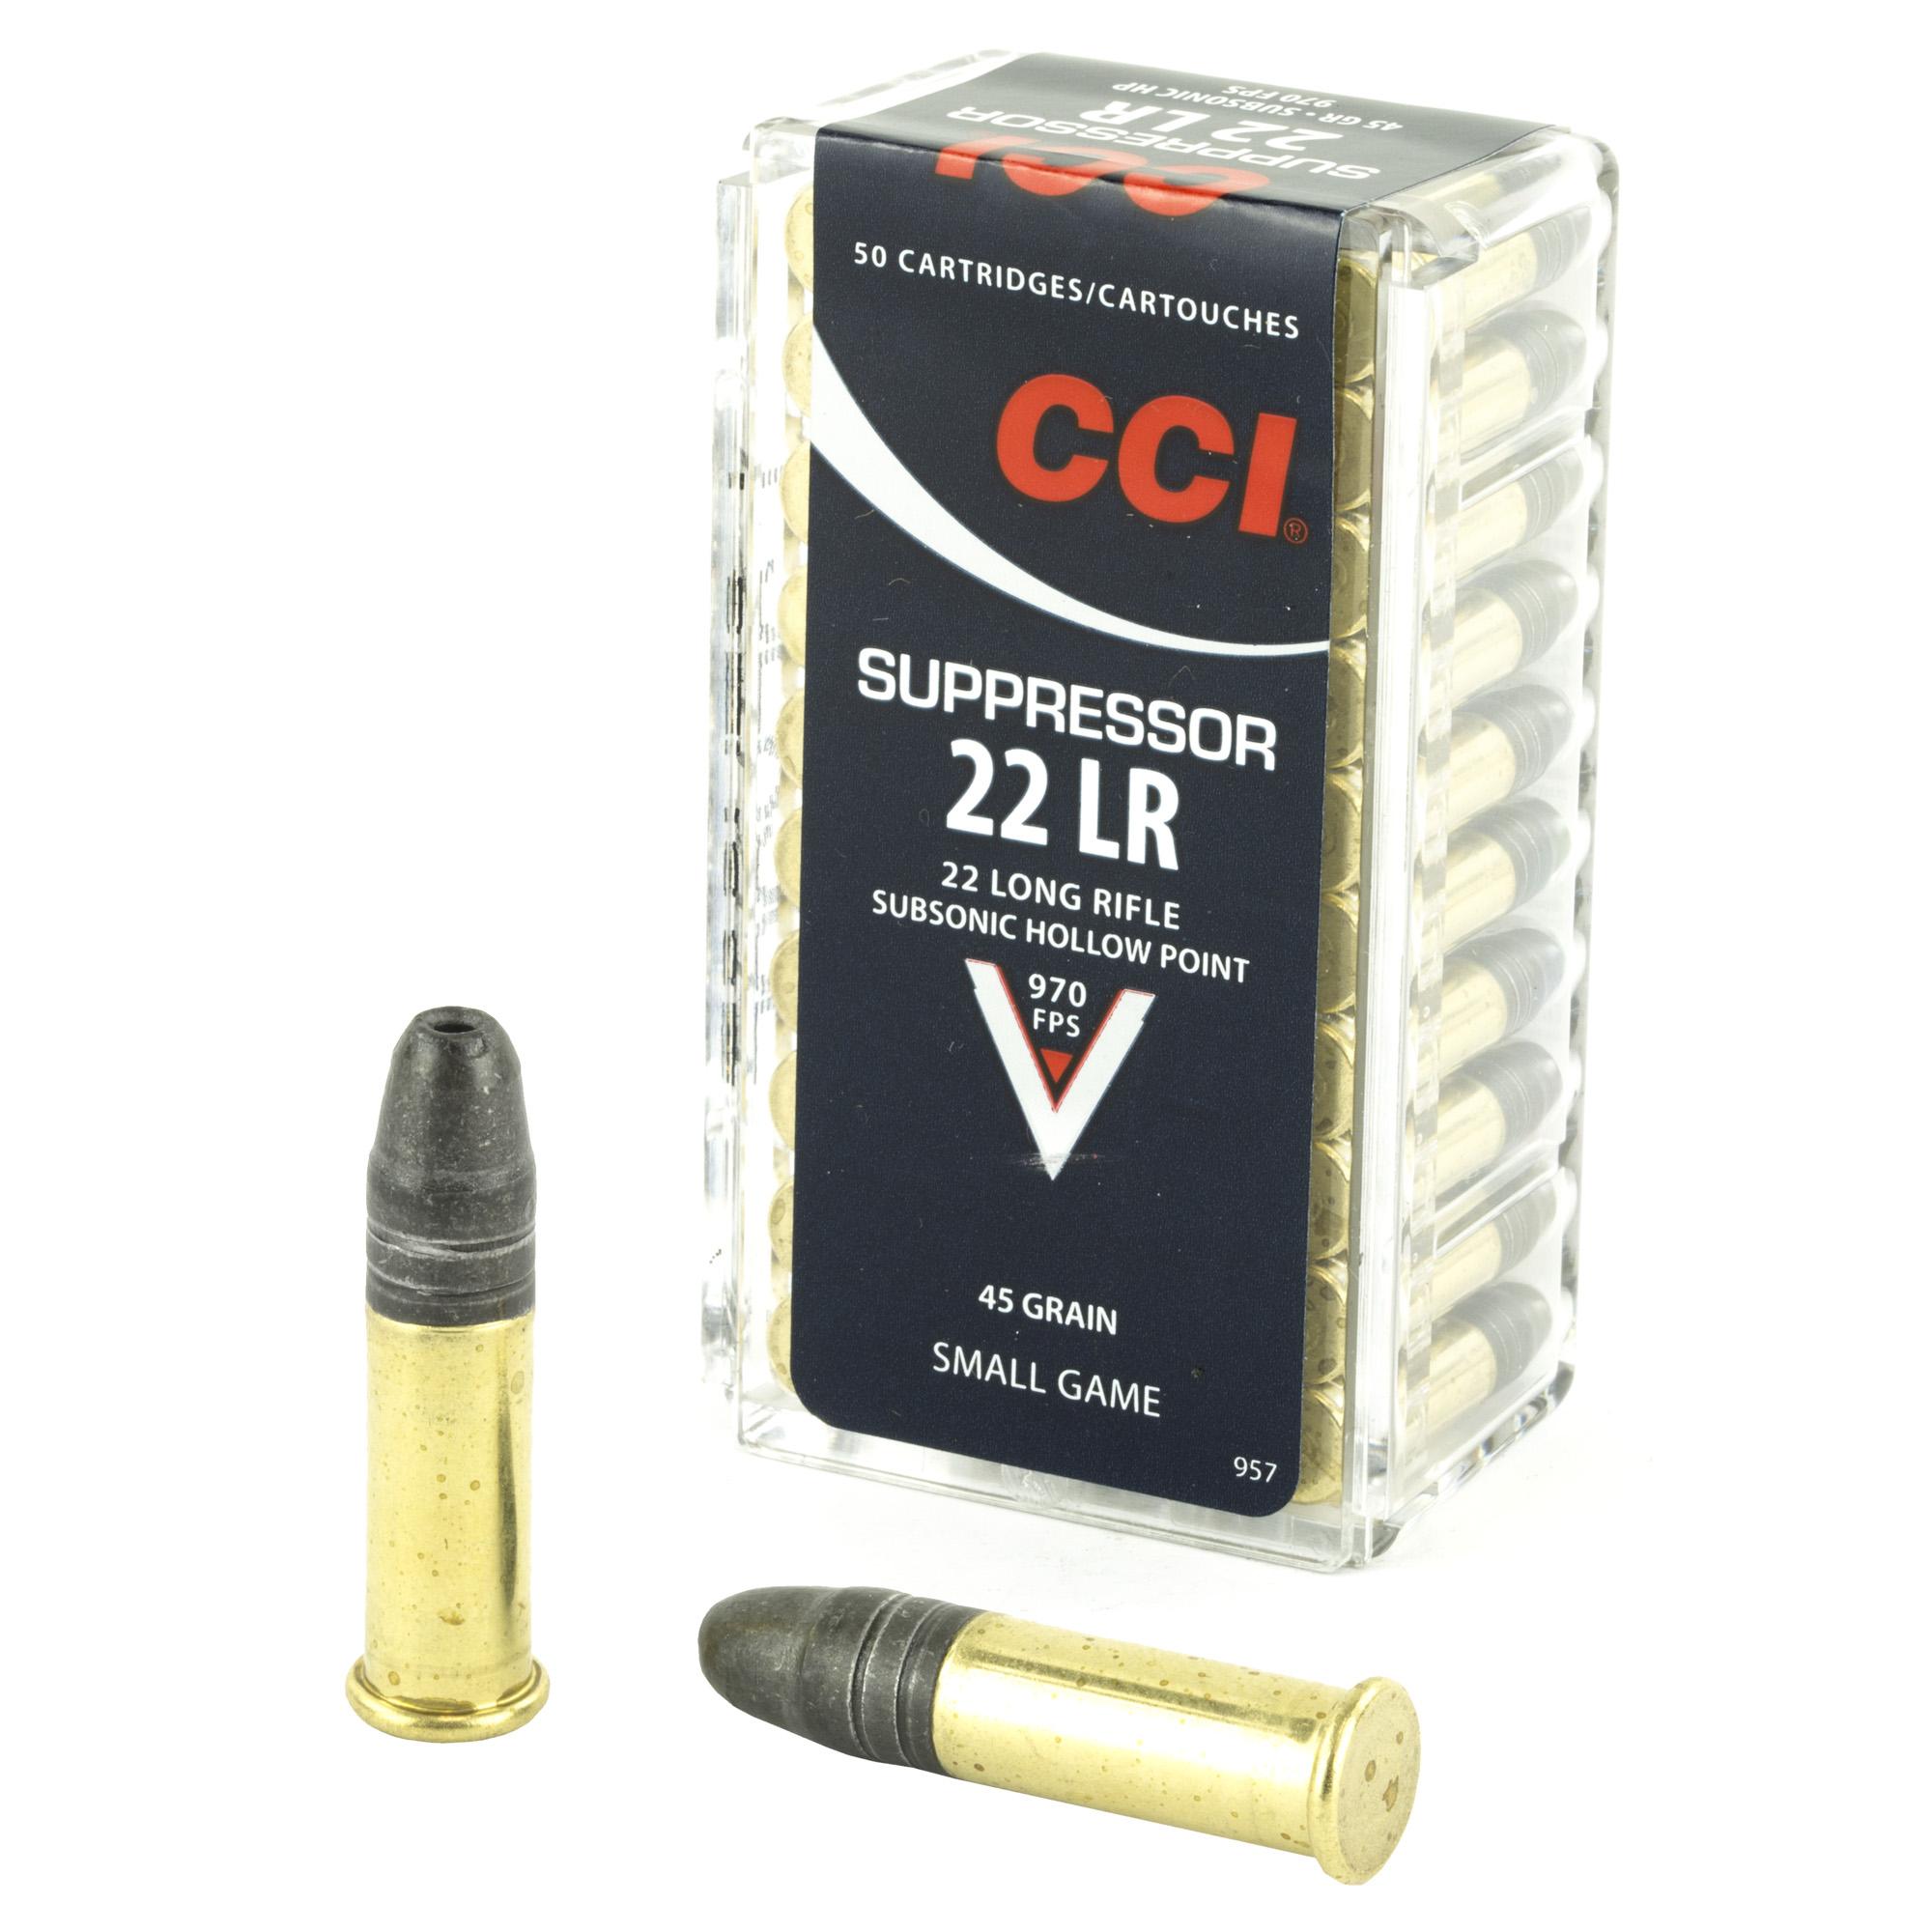 Cci 22lr Suppressor 45gr Hp 50/5000